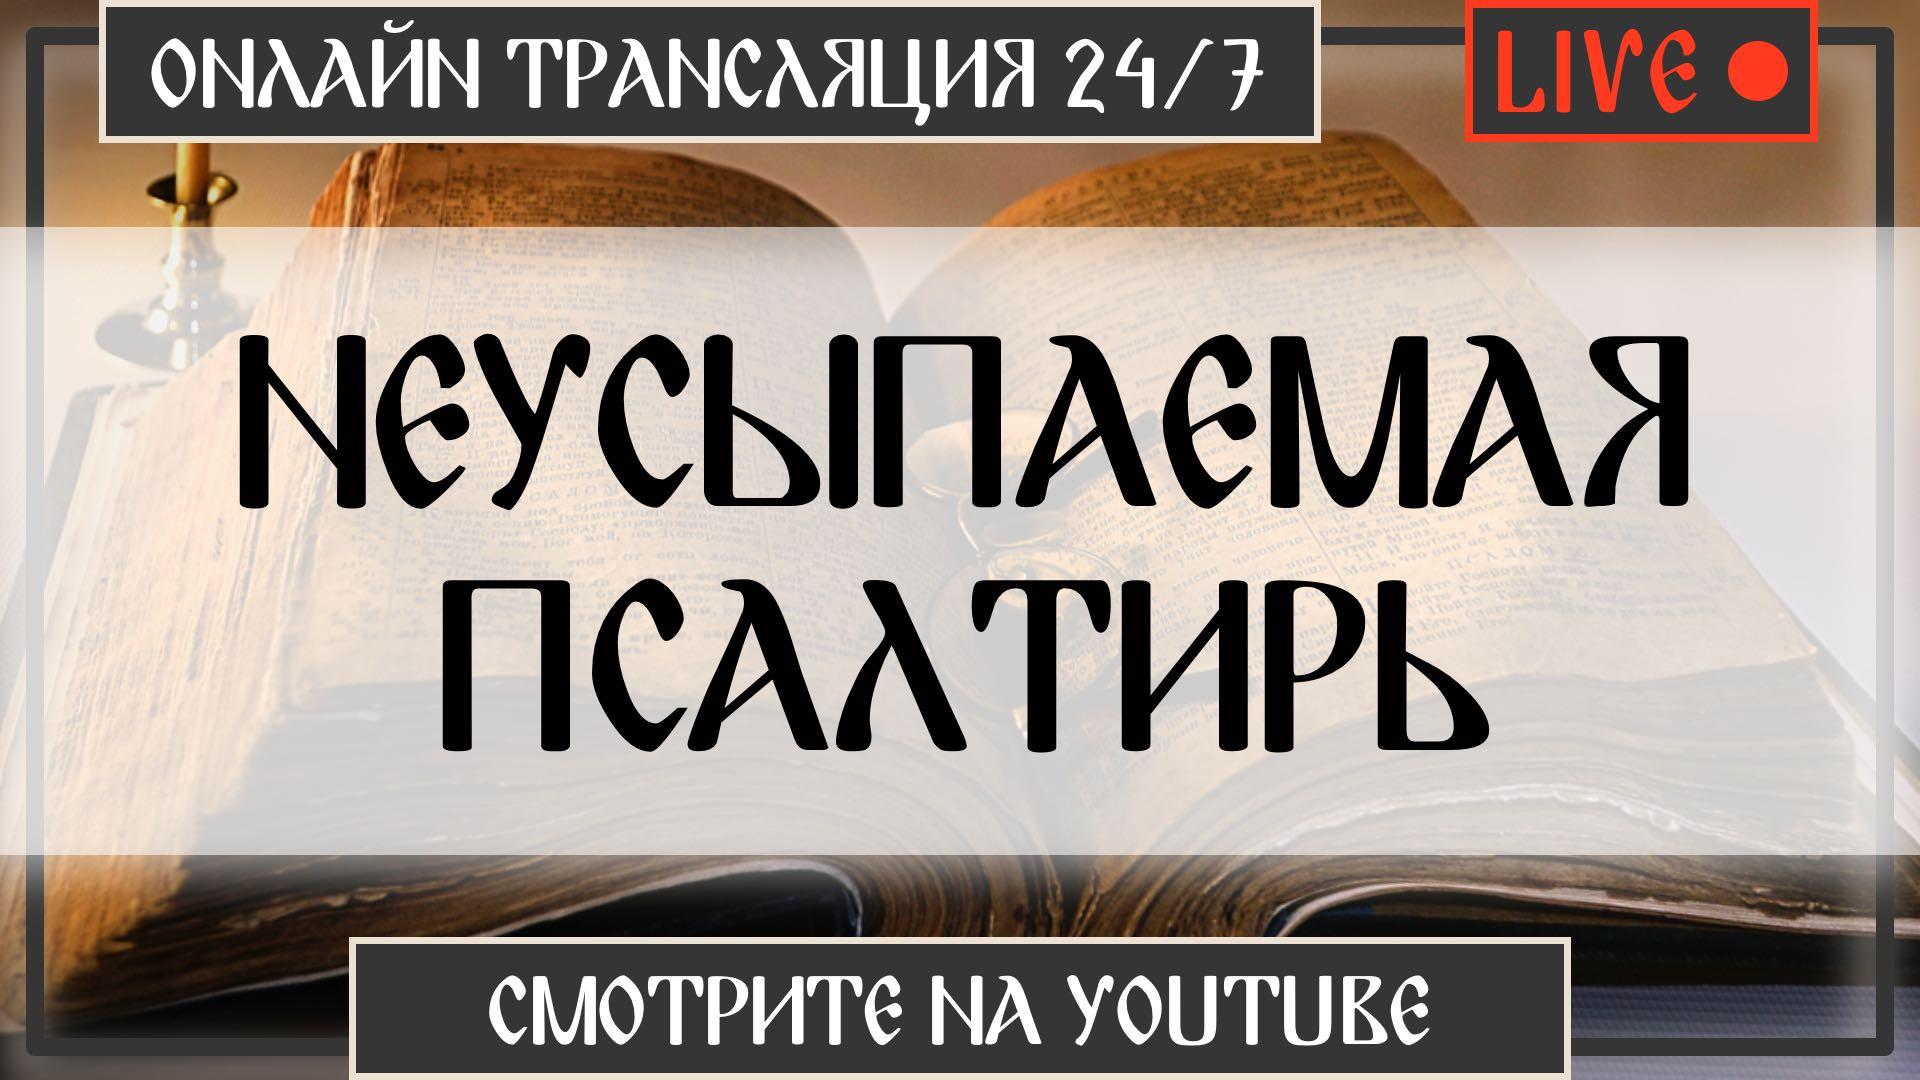 Неусыпаемая Псалтирь 24/7 - Трансляция Онлайн на Youtube